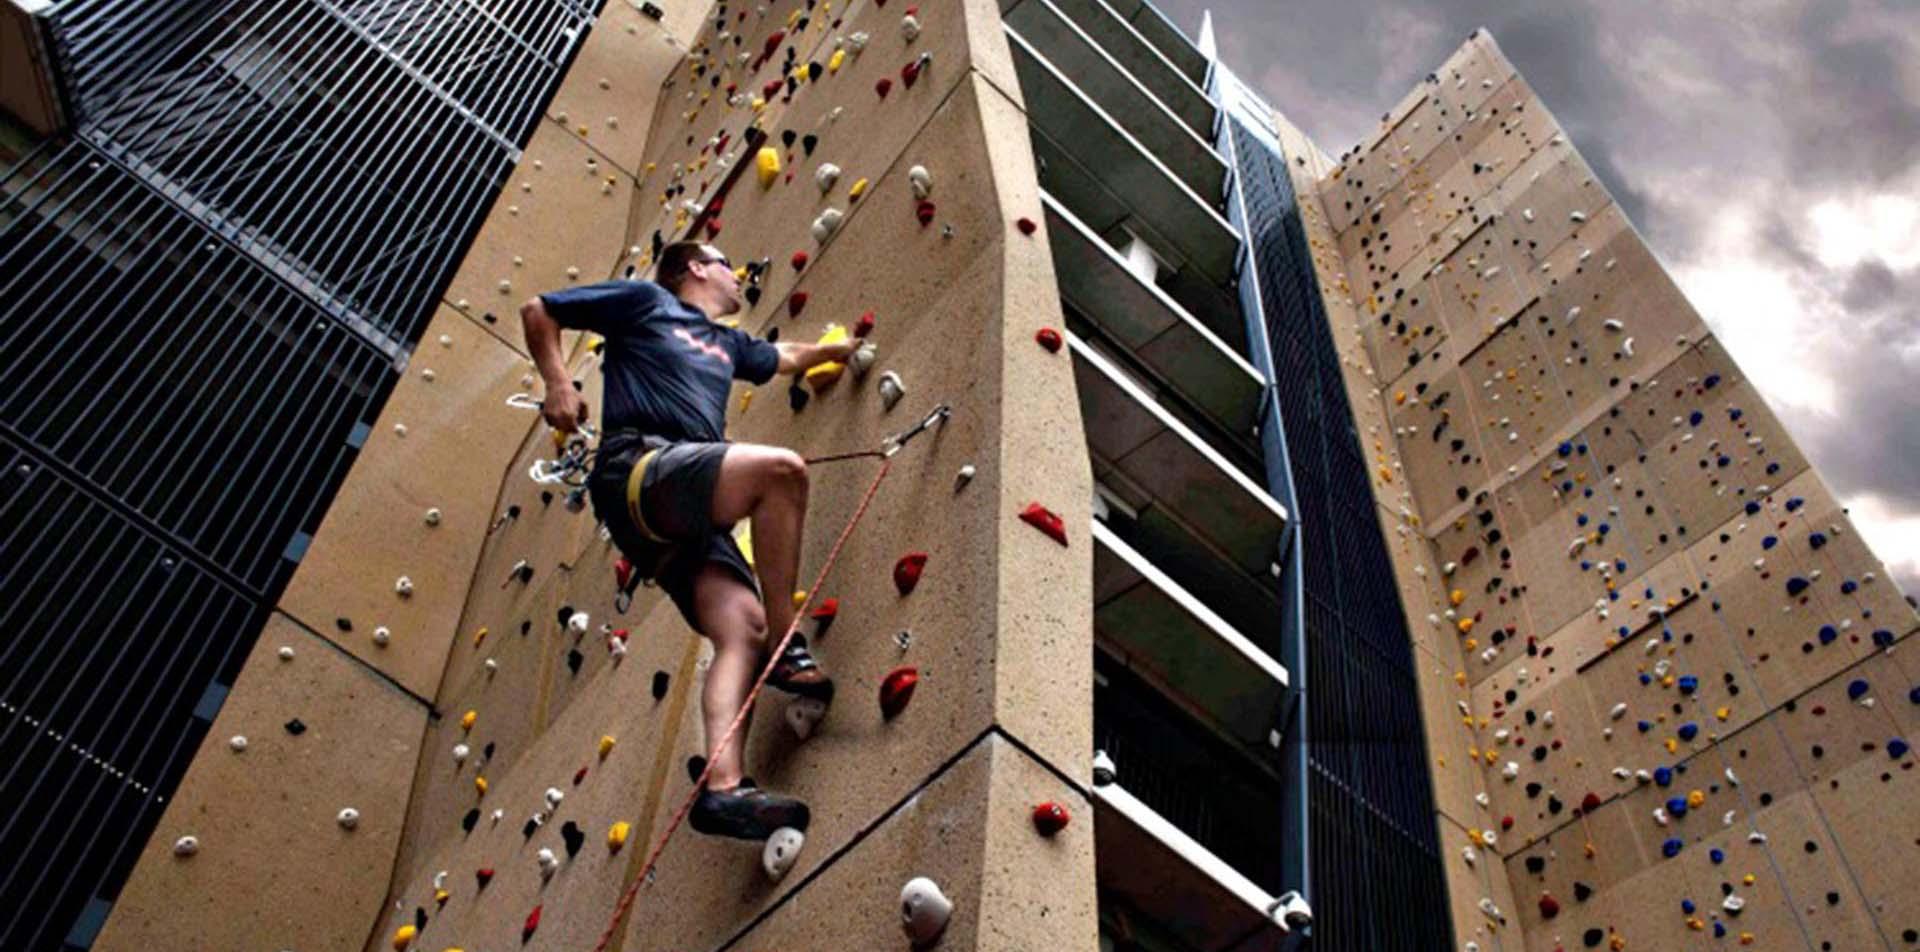 sport-en-onderwijs-klimmuur-utrecht-ontworpen-door-architect-edwin-megens-studiosk-movares-222222222